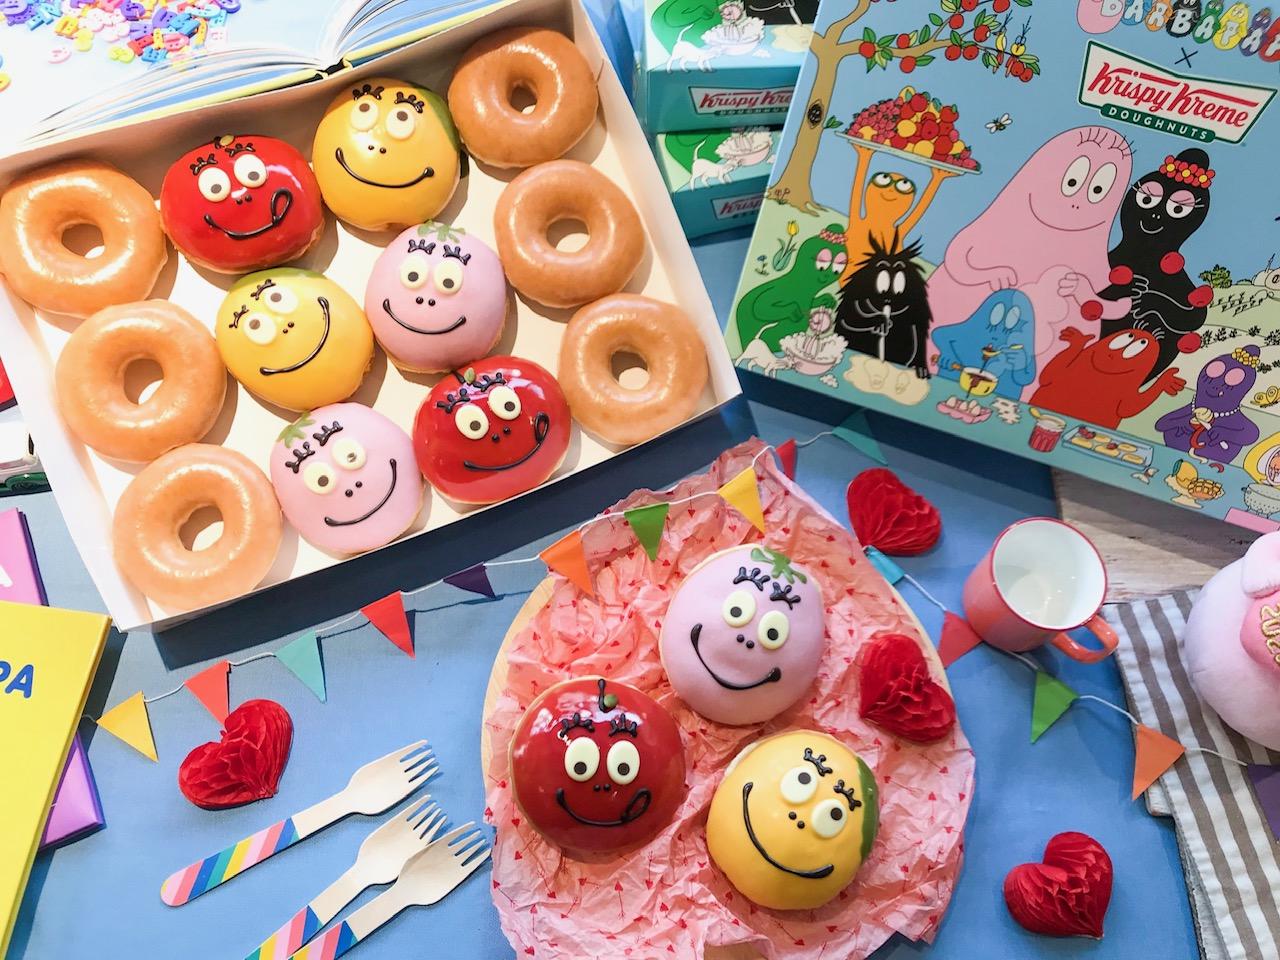 『クリスピー・クリーム・ドーナツ』の期間限定ドーナツに、バーバパパコラボが登場。可愛くてフルーティーな味わいにきゅん♡ PhotoGallery_1_1